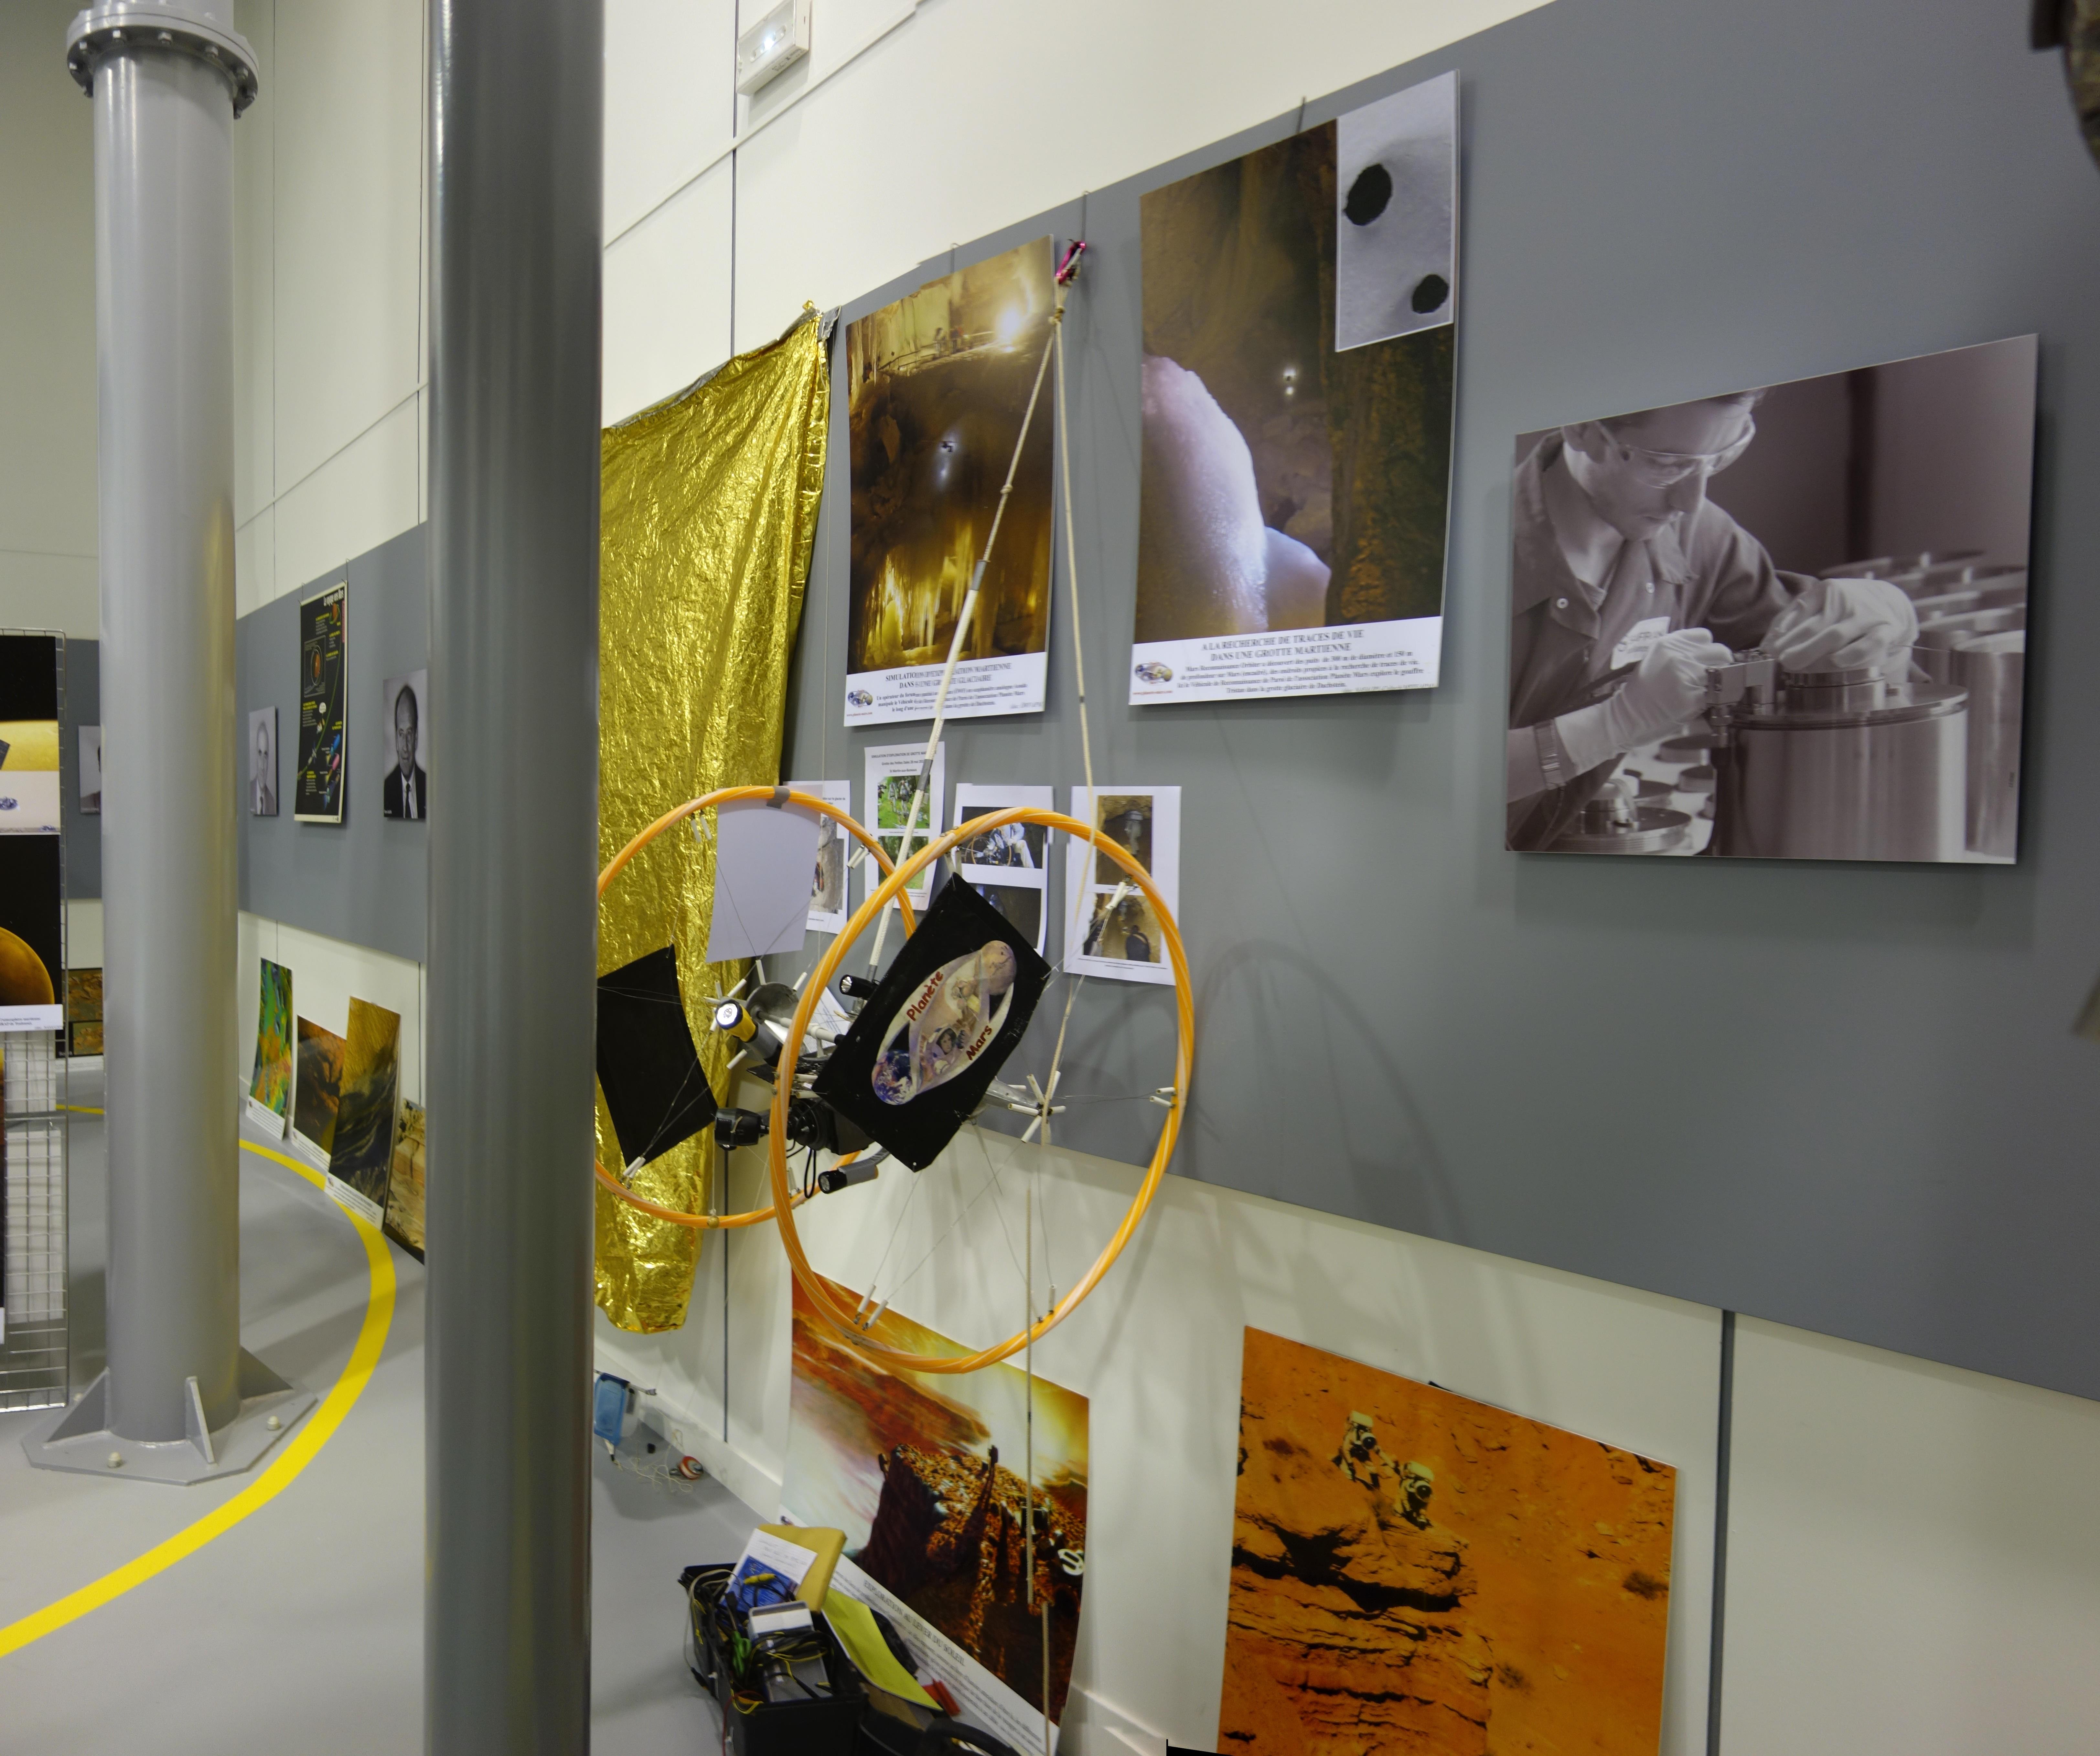 16-09-16-18h-44m-09s-expo-apm-musee-safran-journees-patrimoine_stitch-rec